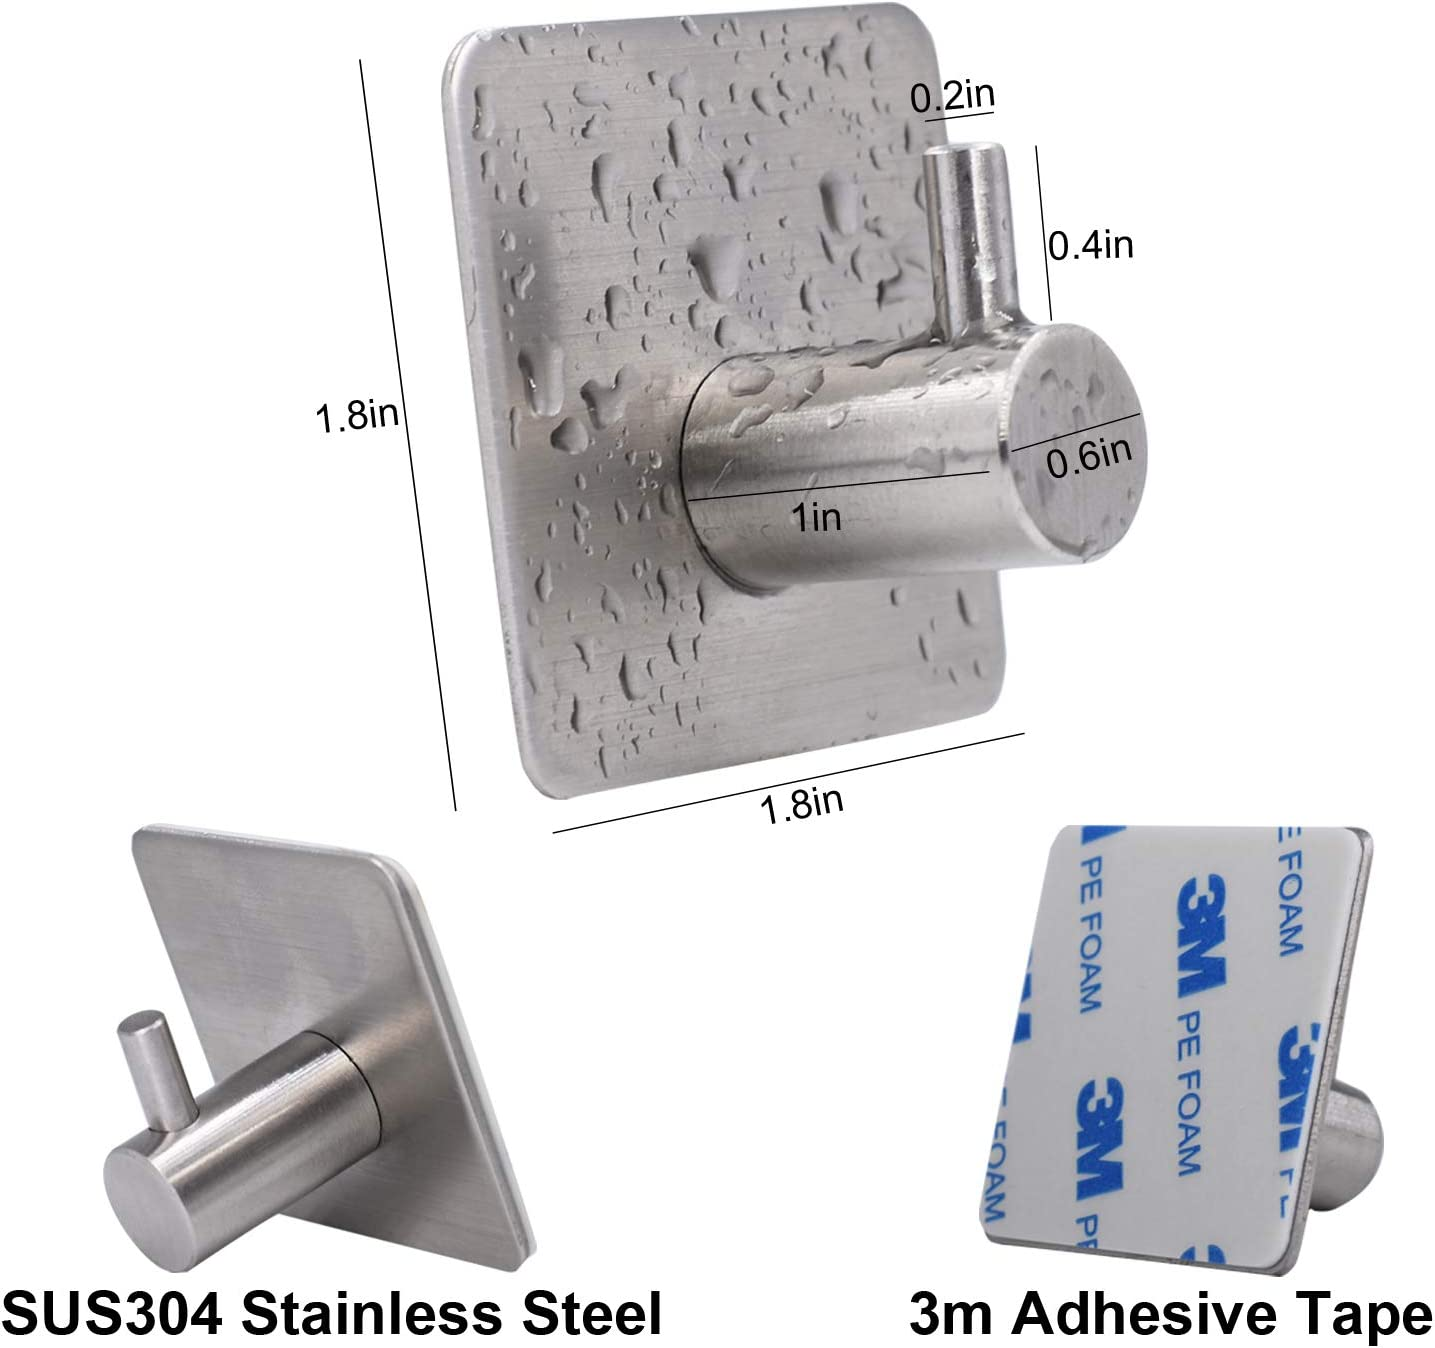 Loogi Adhesive Stainless Steel Towel Hooks